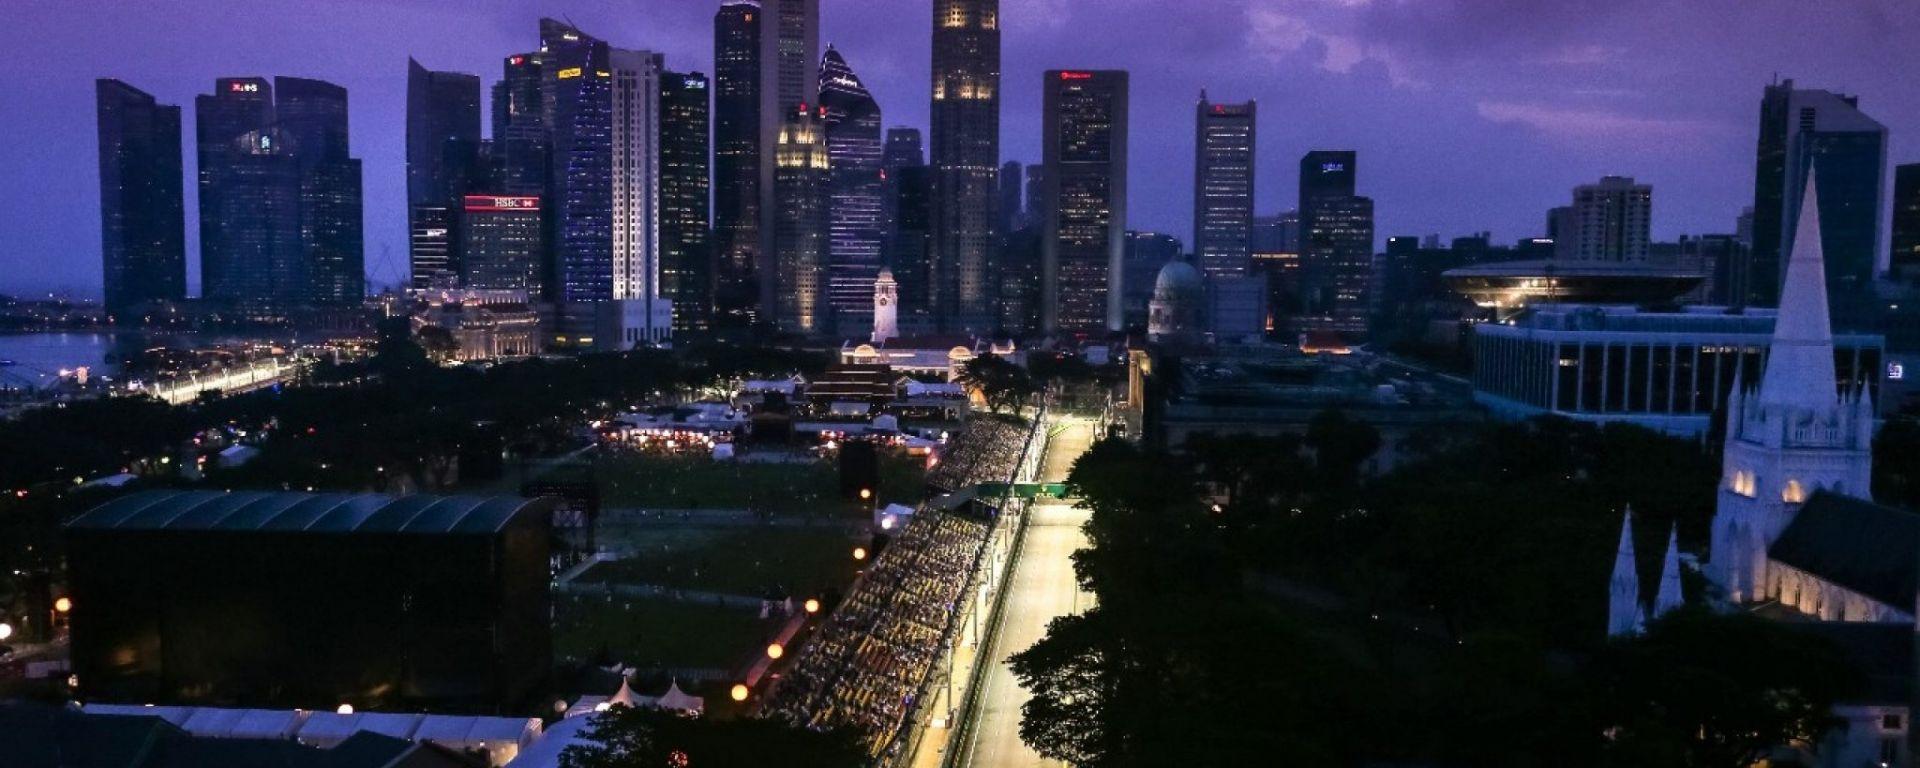 F1 GP Singapore 2018, tutte le info: orari, risultati prove, qualifica, gara